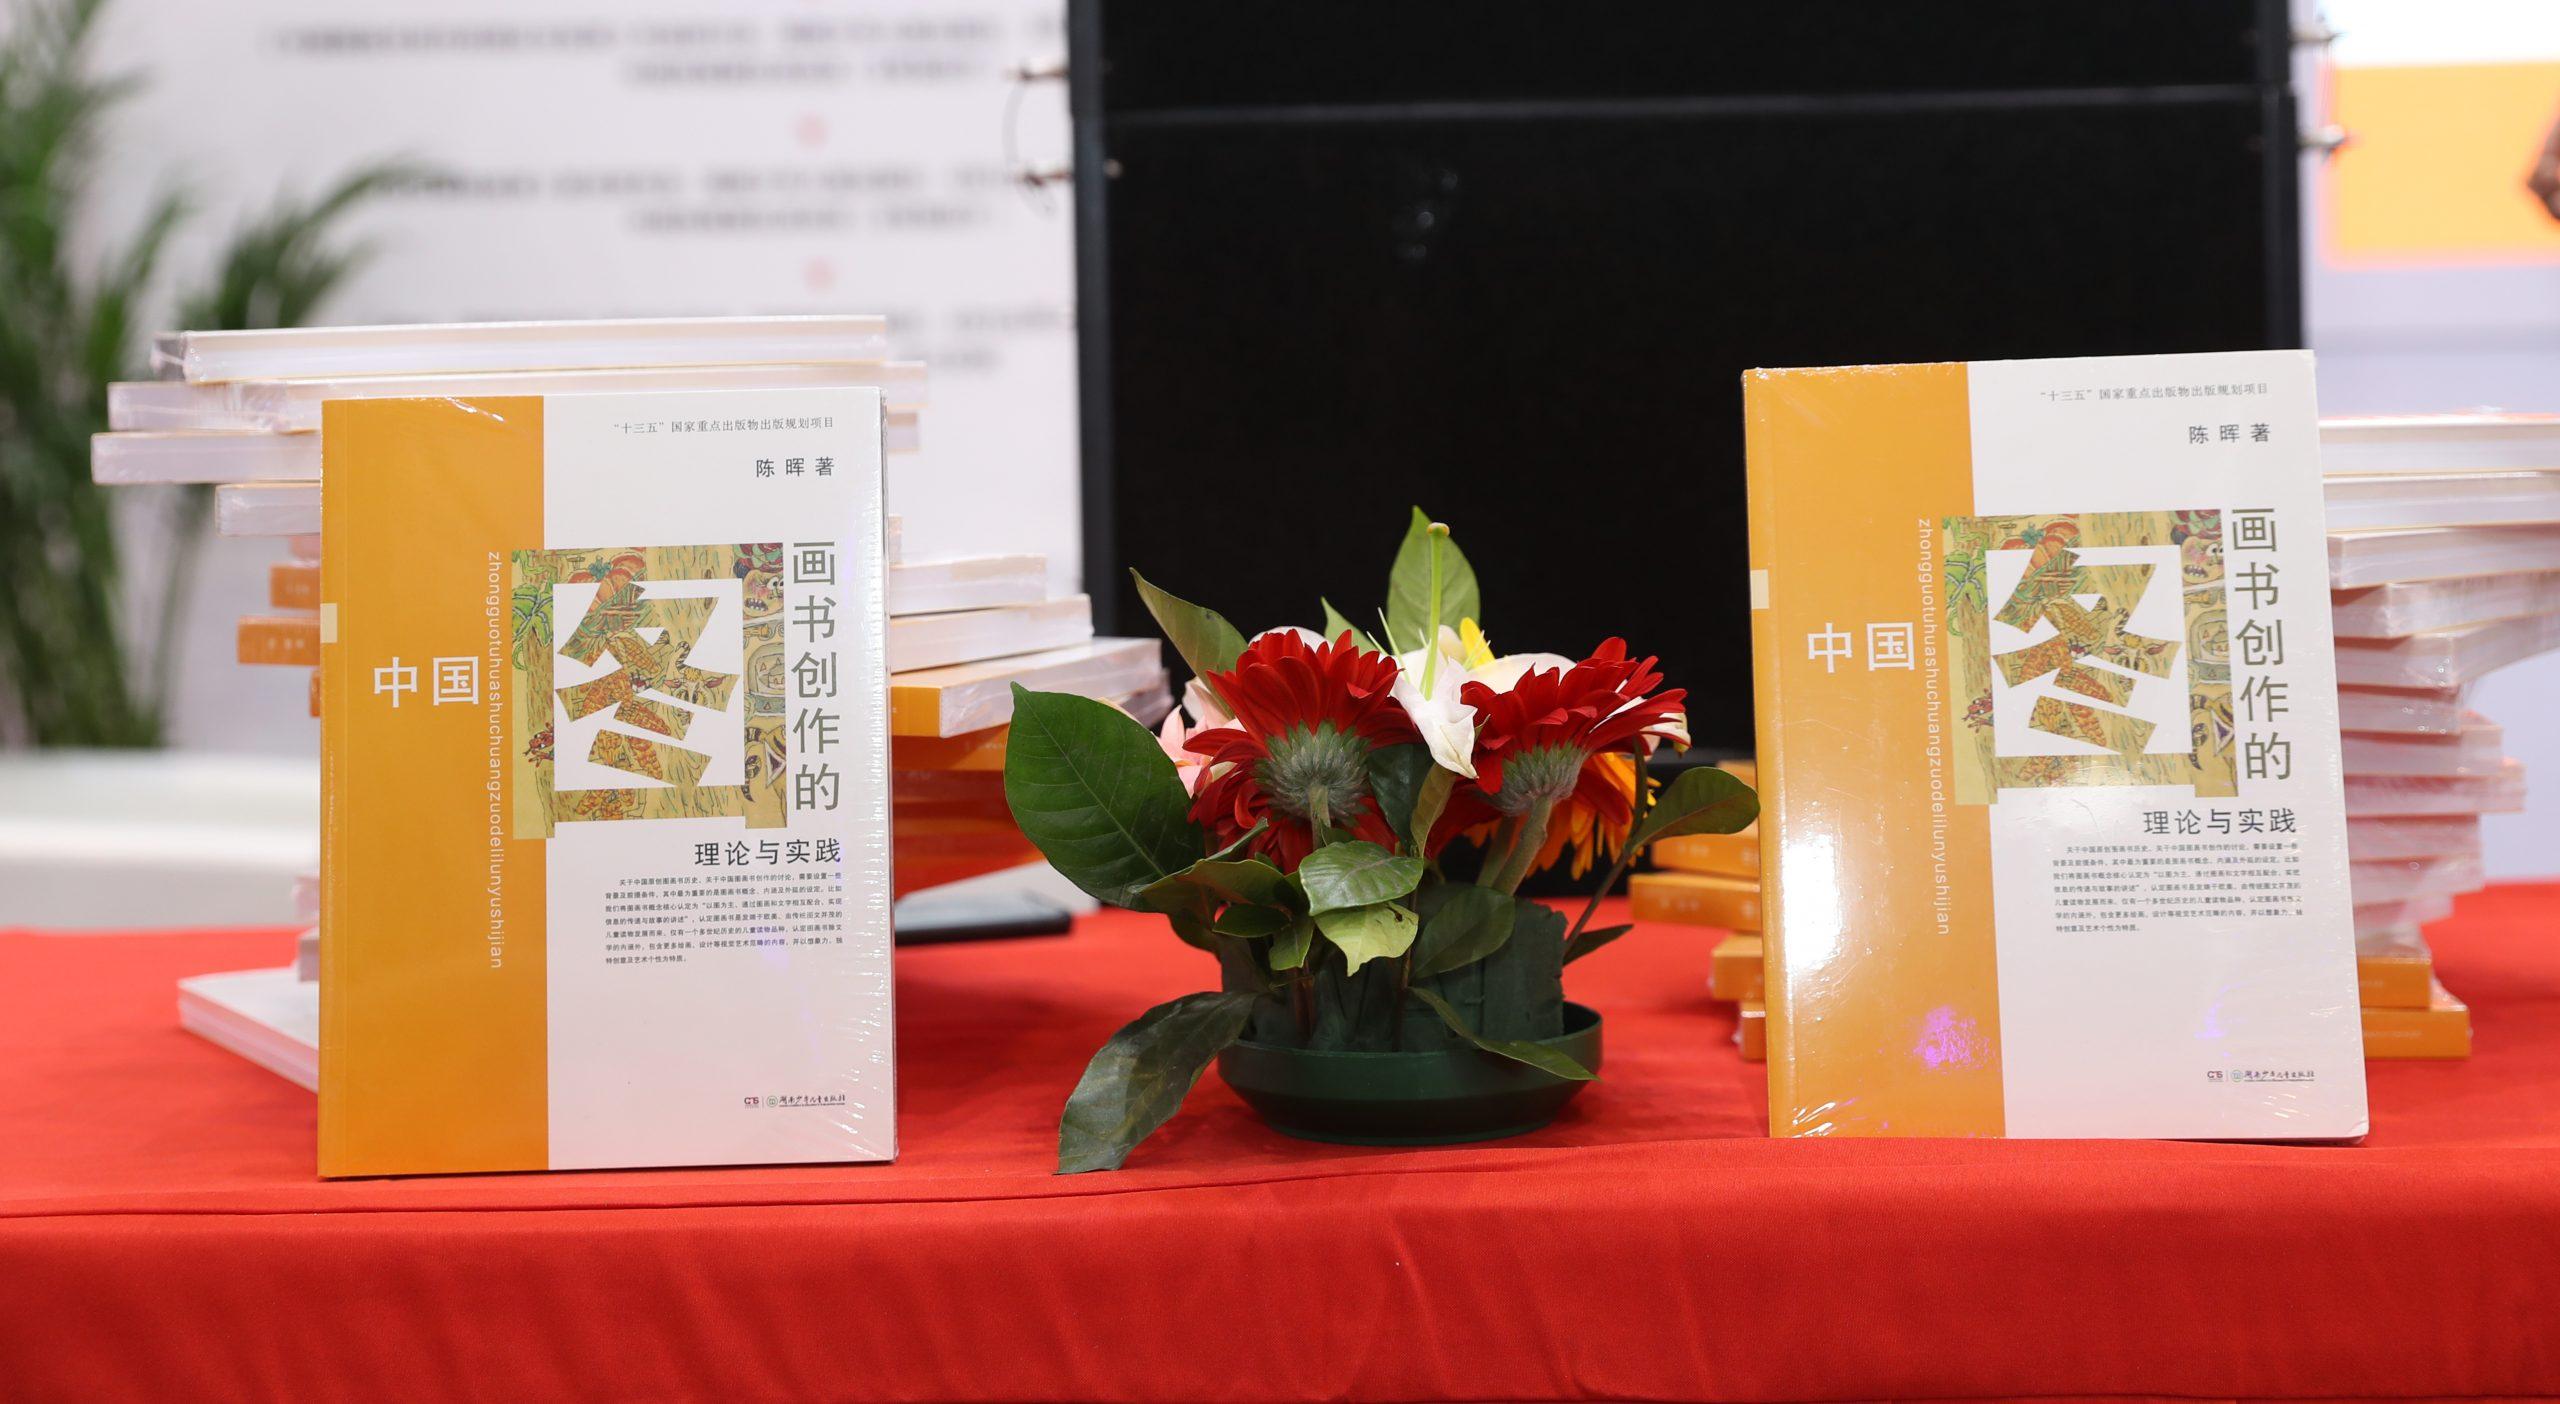 中国原创图画书走过的三十年 ——暨《中国图画书创作的理论与实践》作品研讨会成功在京举办